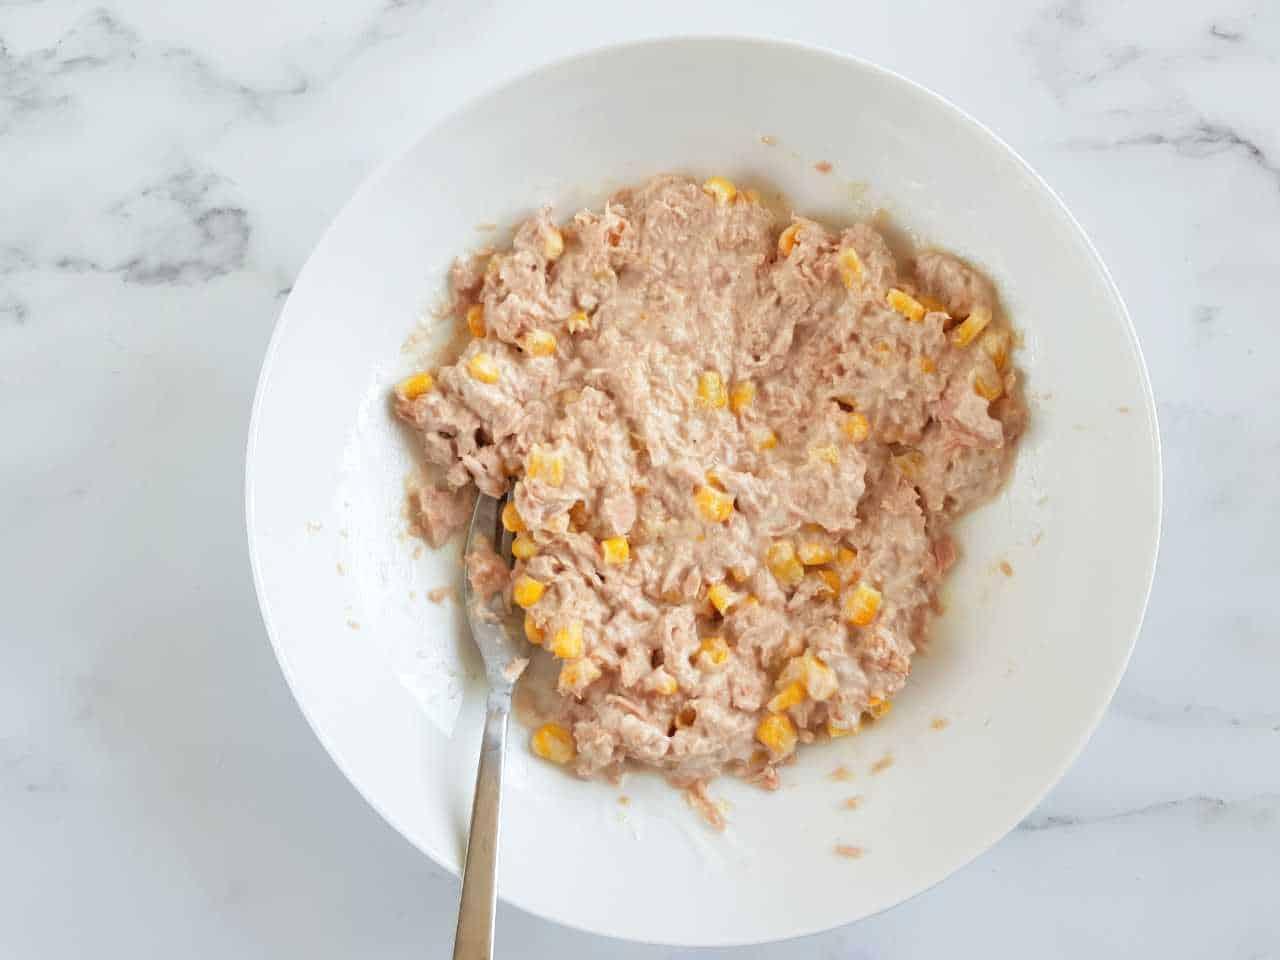 Tuna, yogurt and corn in a bowl.